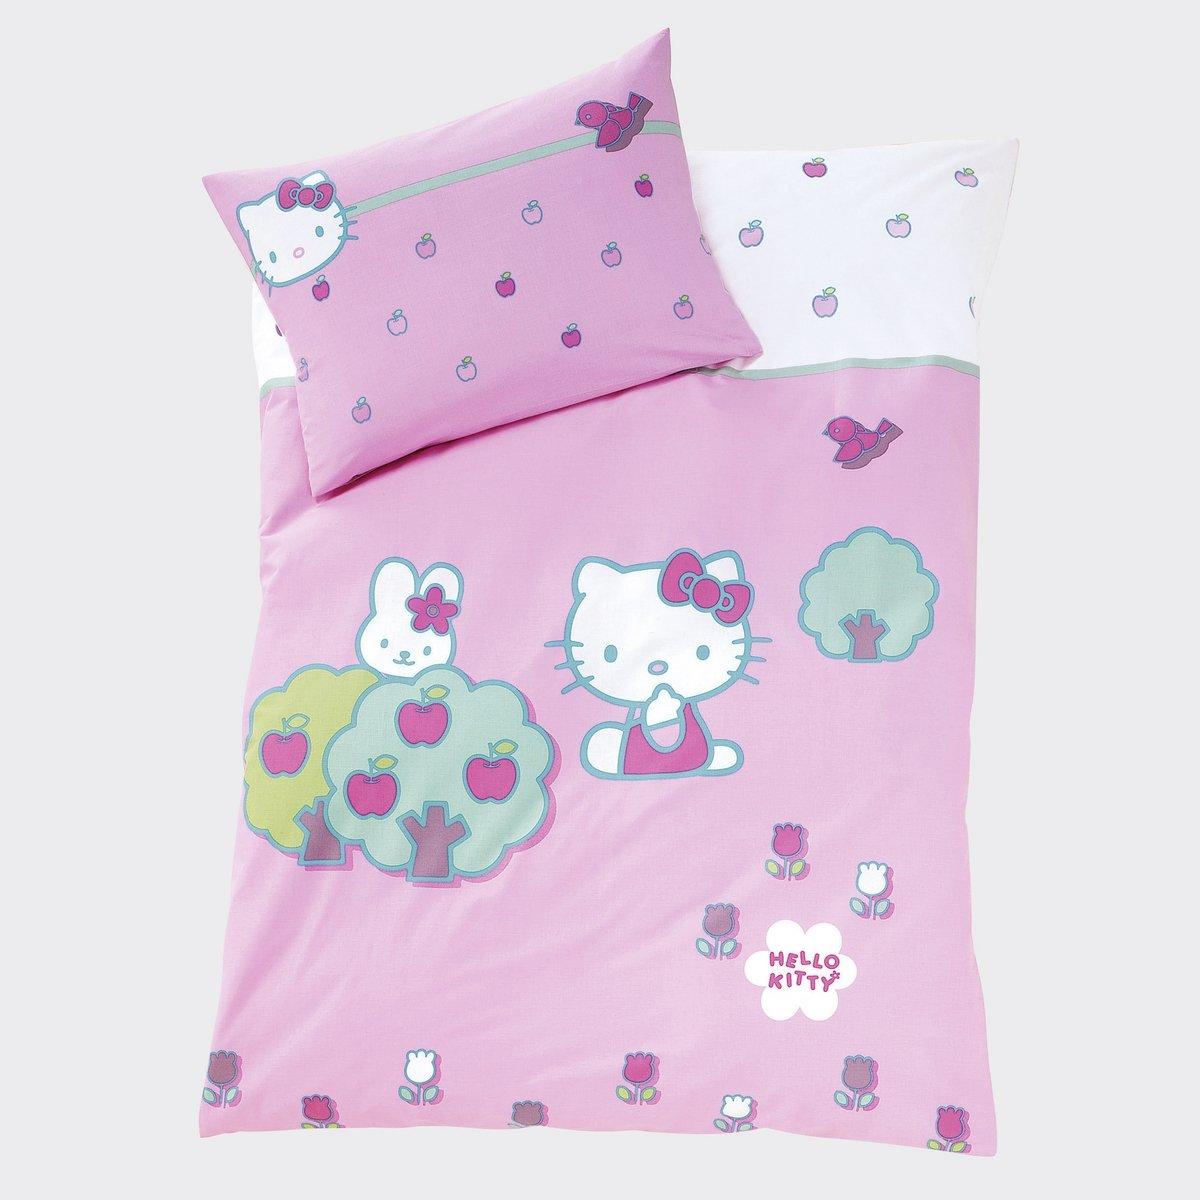 linge de lit la redoute linge de lit hello kitty hello kitty prix 29 99 euros ventes pas. Black Bedroom Furniture Sets. Home Design Ideas